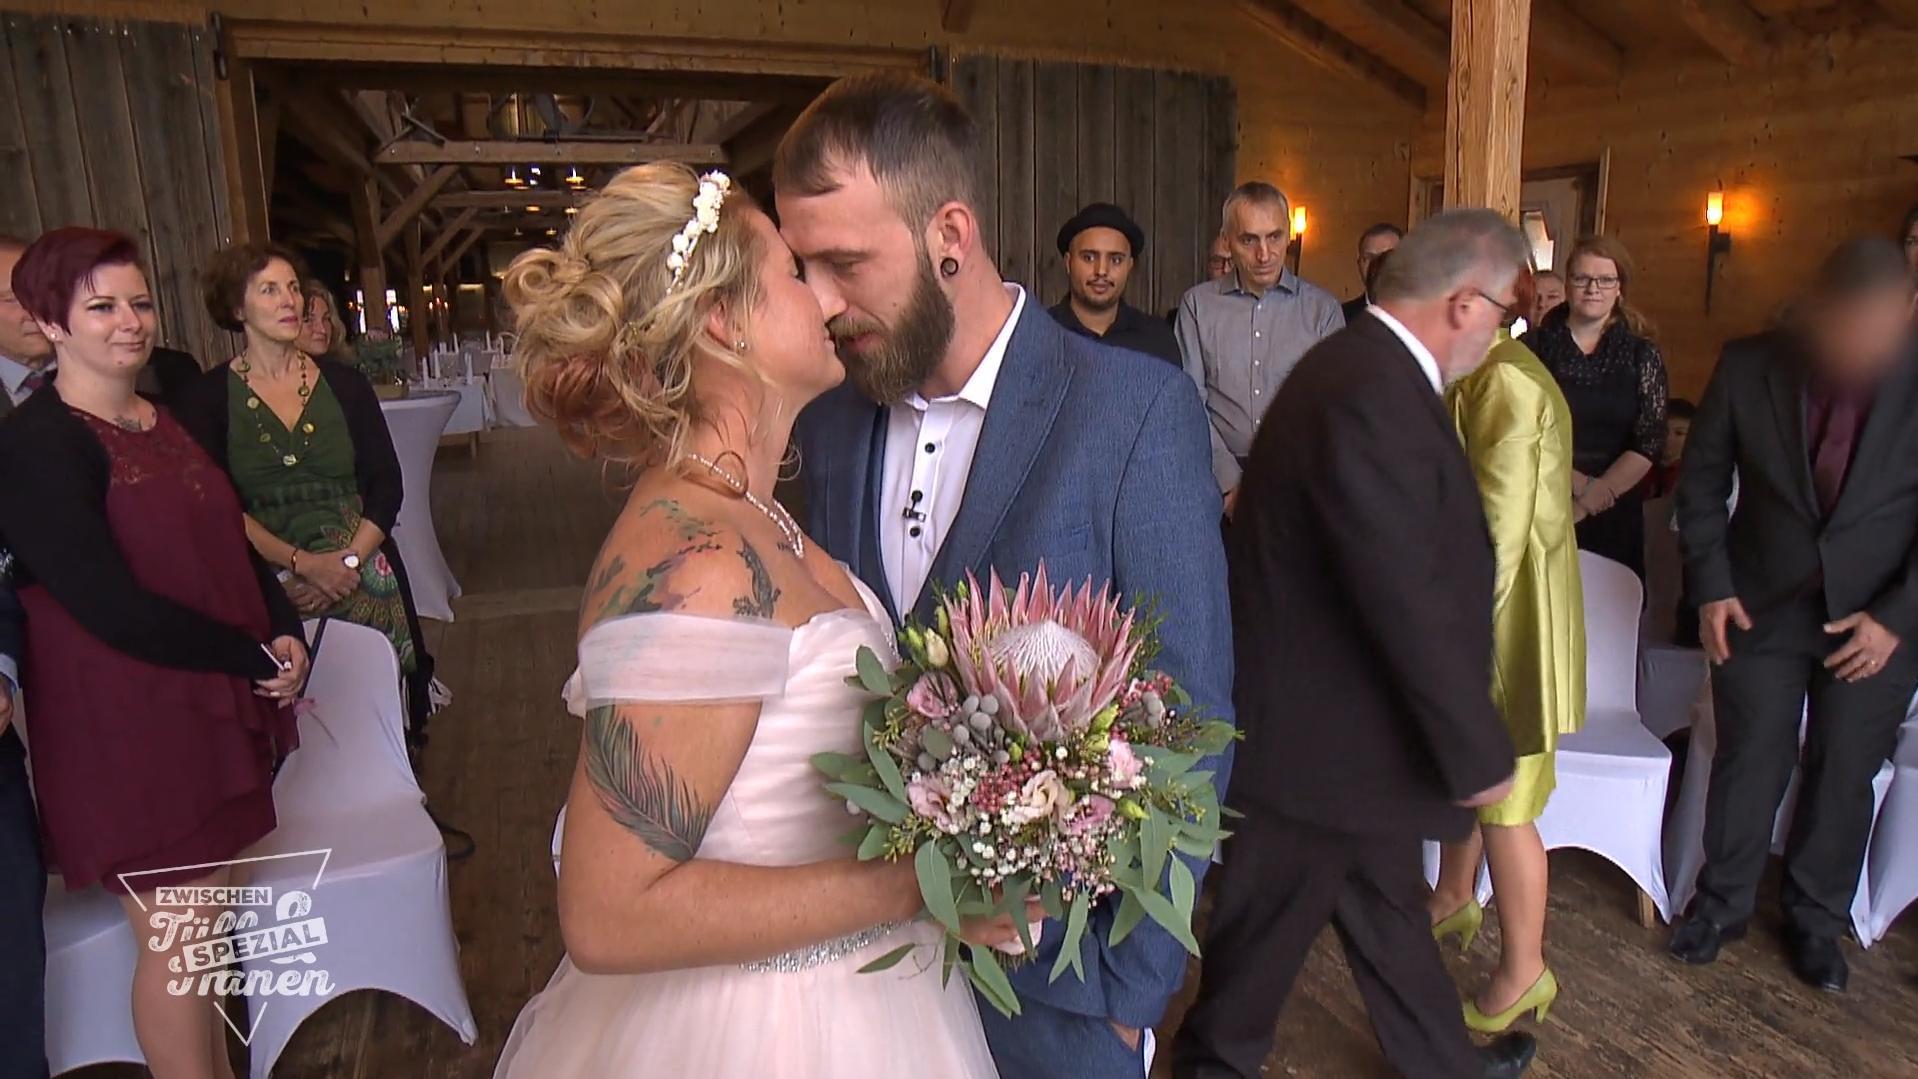 Der Bräutigam Erwartet Ein Weißes Kleid